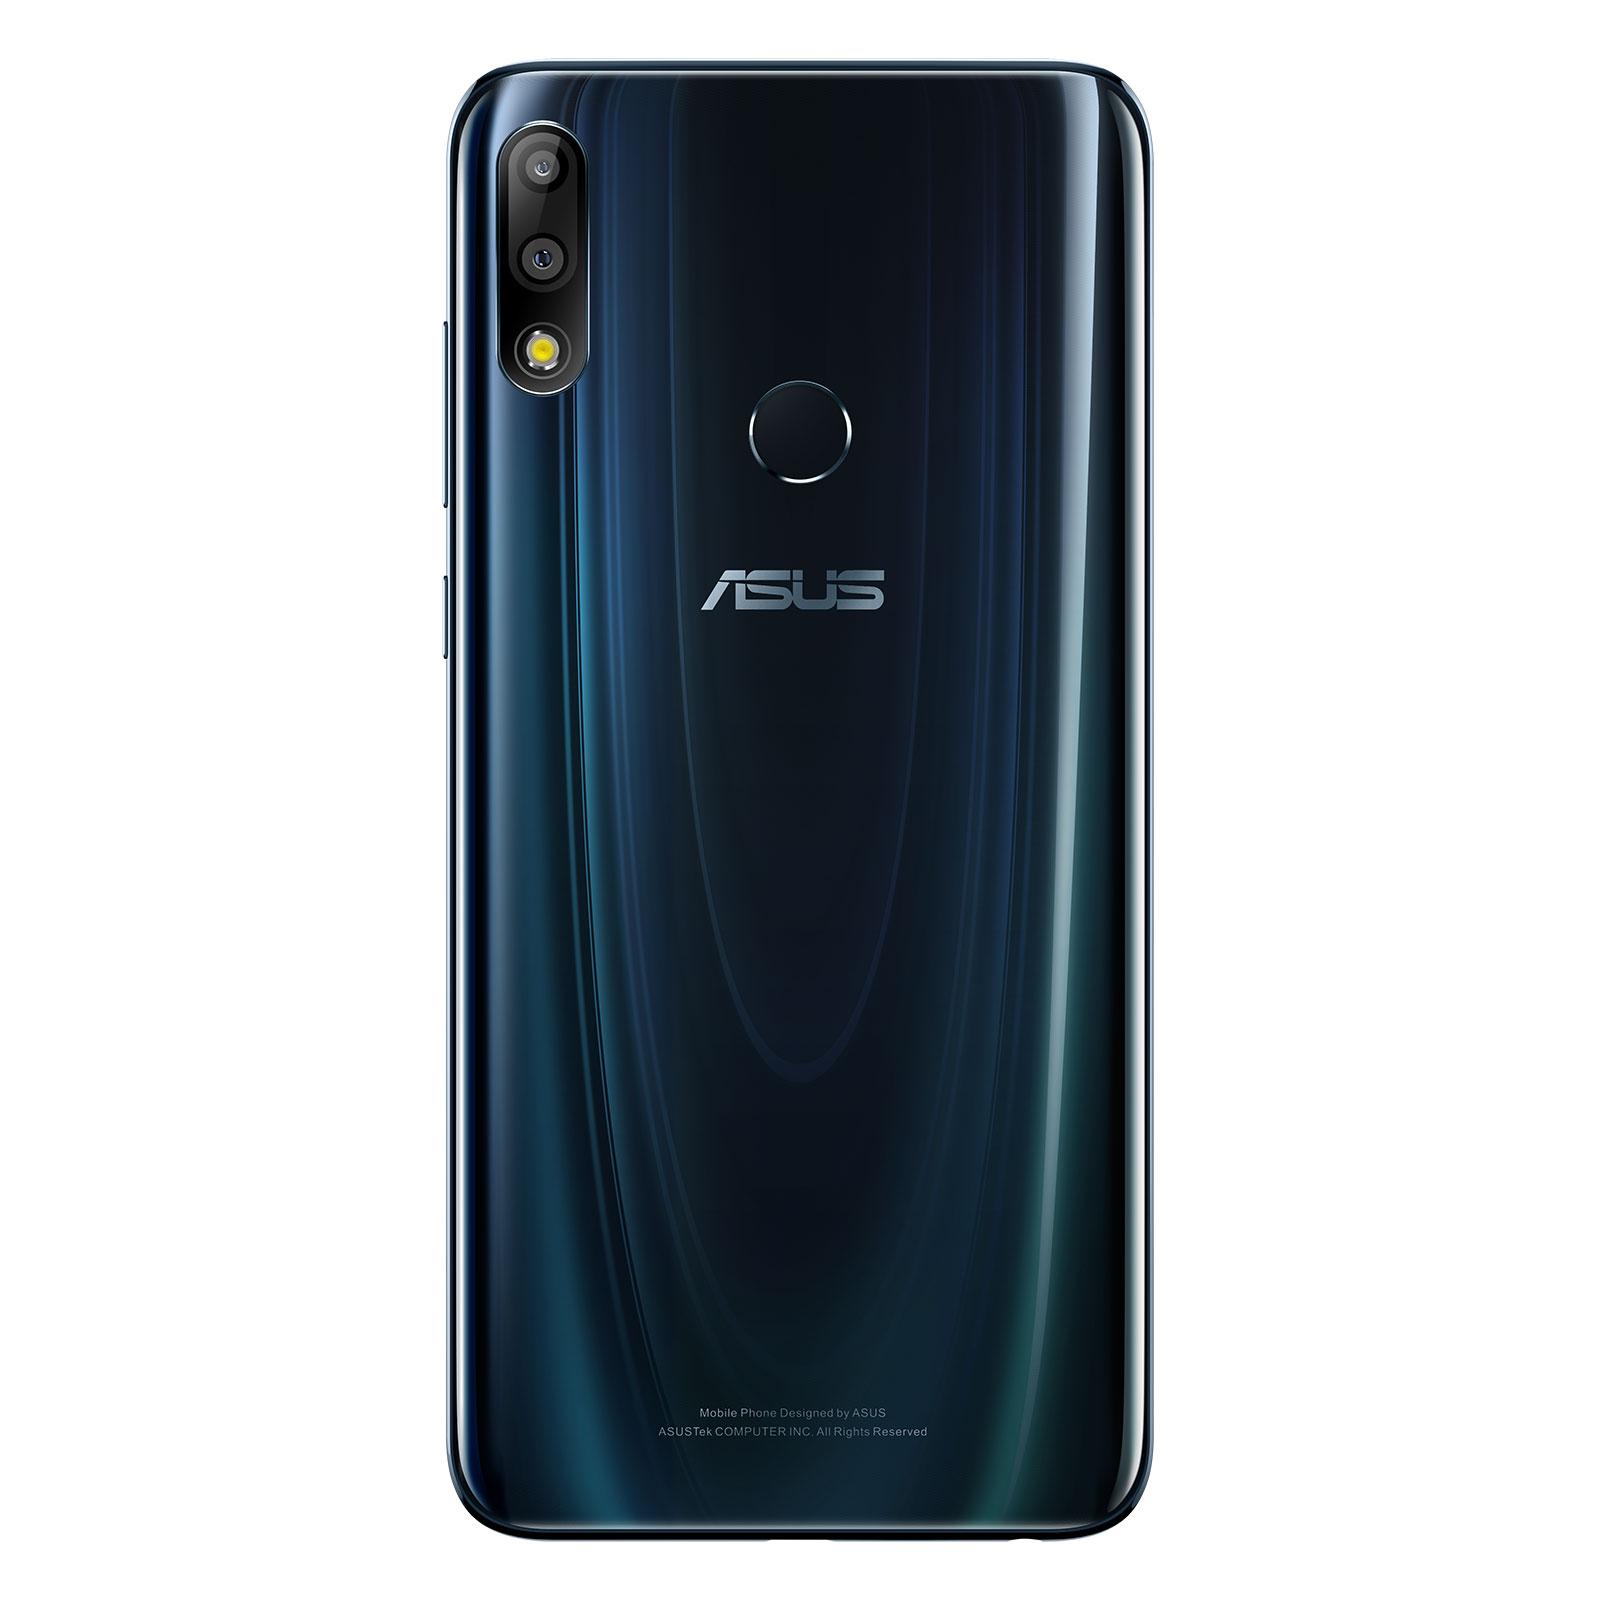 ZenFone Max PRO M2 Bleu (90AX01B2-M00950) - Achat / Vente Téléphonie sur Picata.fr - 1